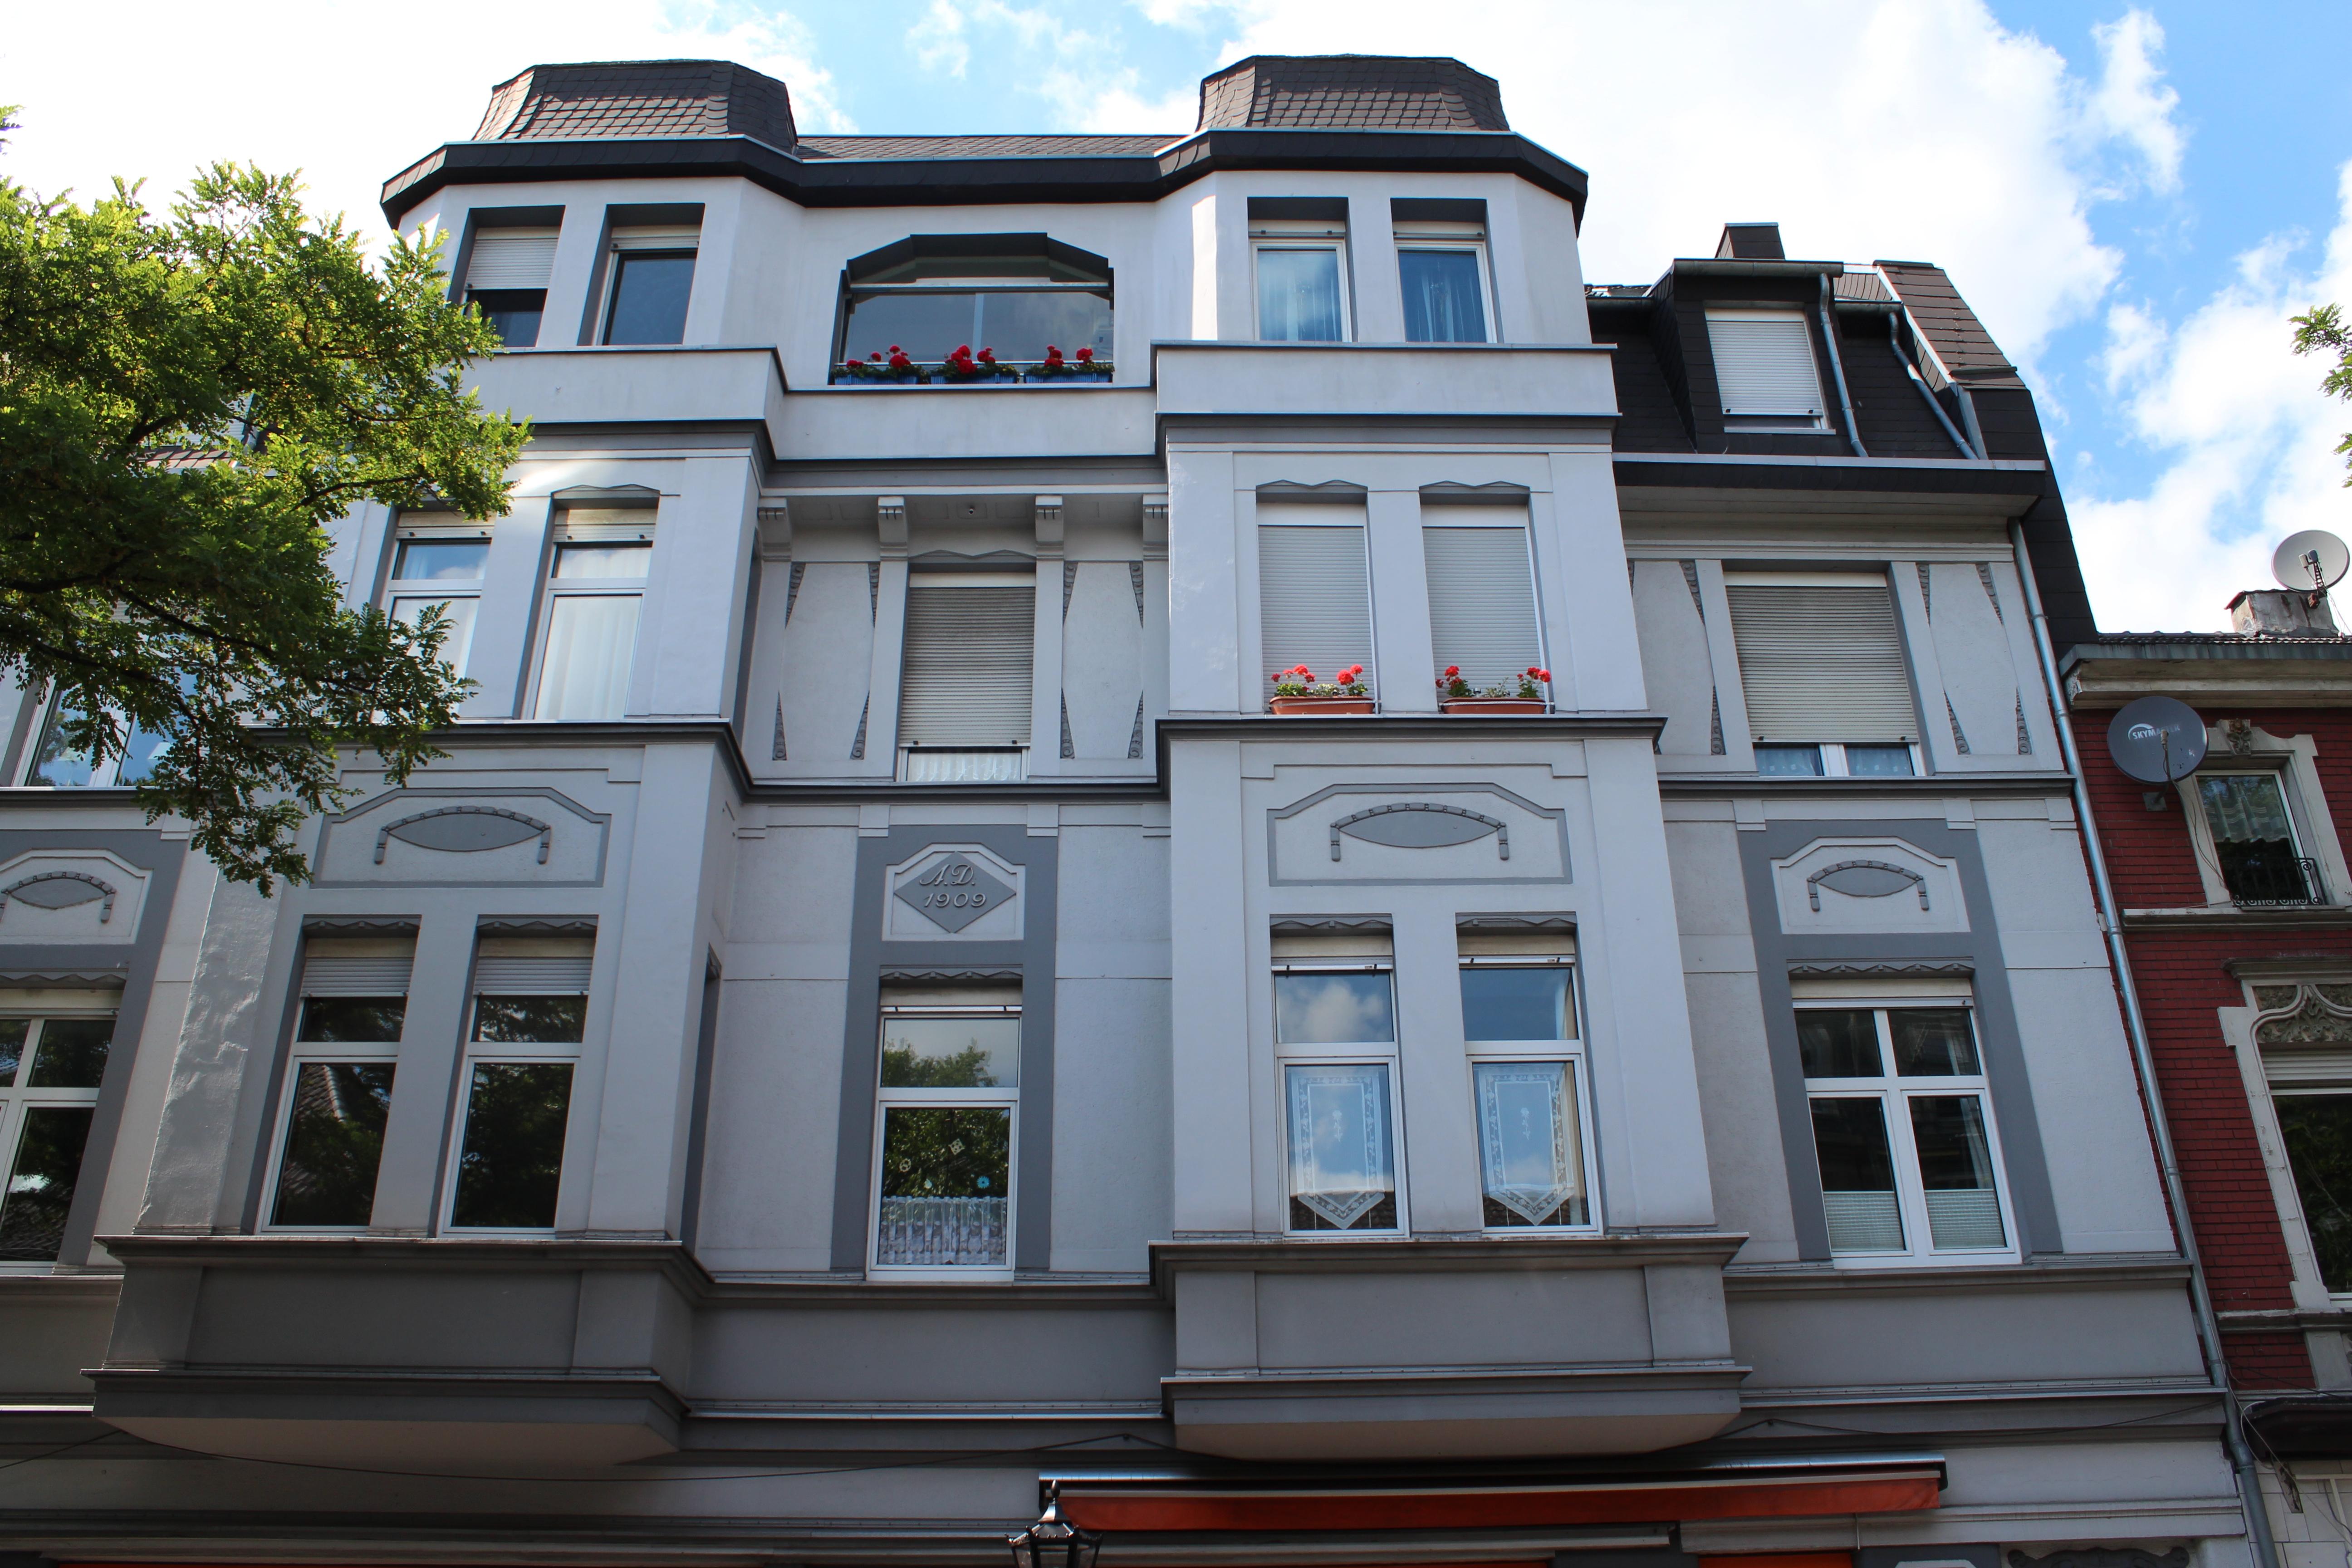 wilma schmitz immobilien in willich branchenbuch deutschland. Black Bedroom Furniture Sets. Home Design Ideas